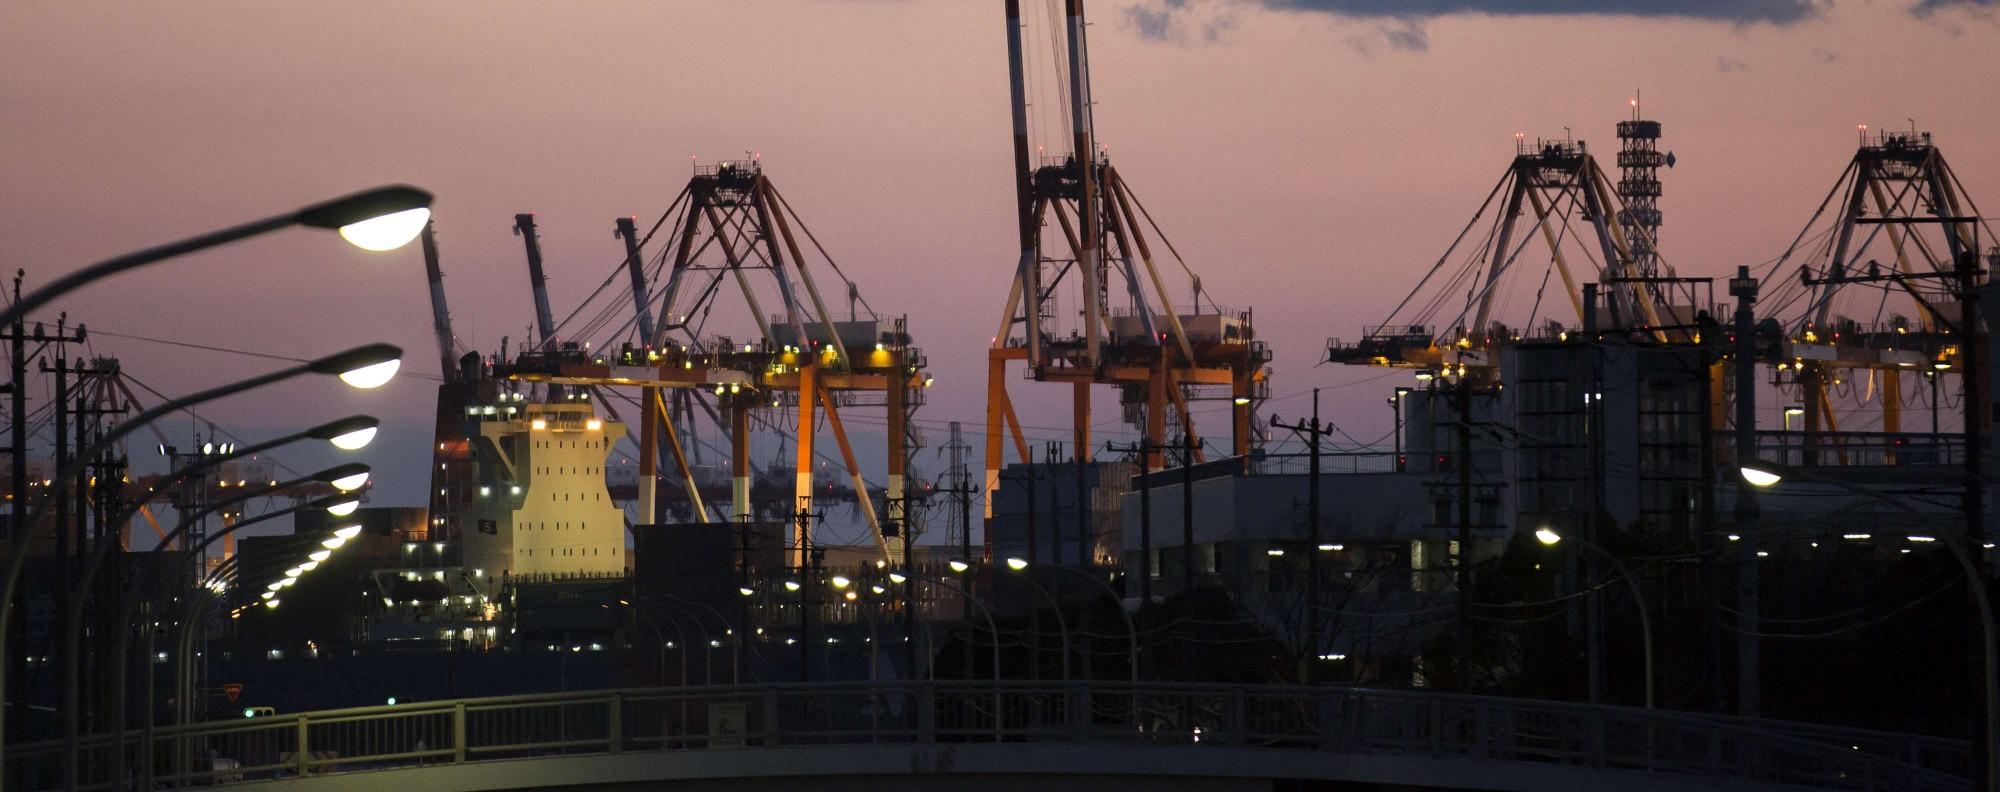 Cranes at the Nagoya Port. Photo: Bloomberg